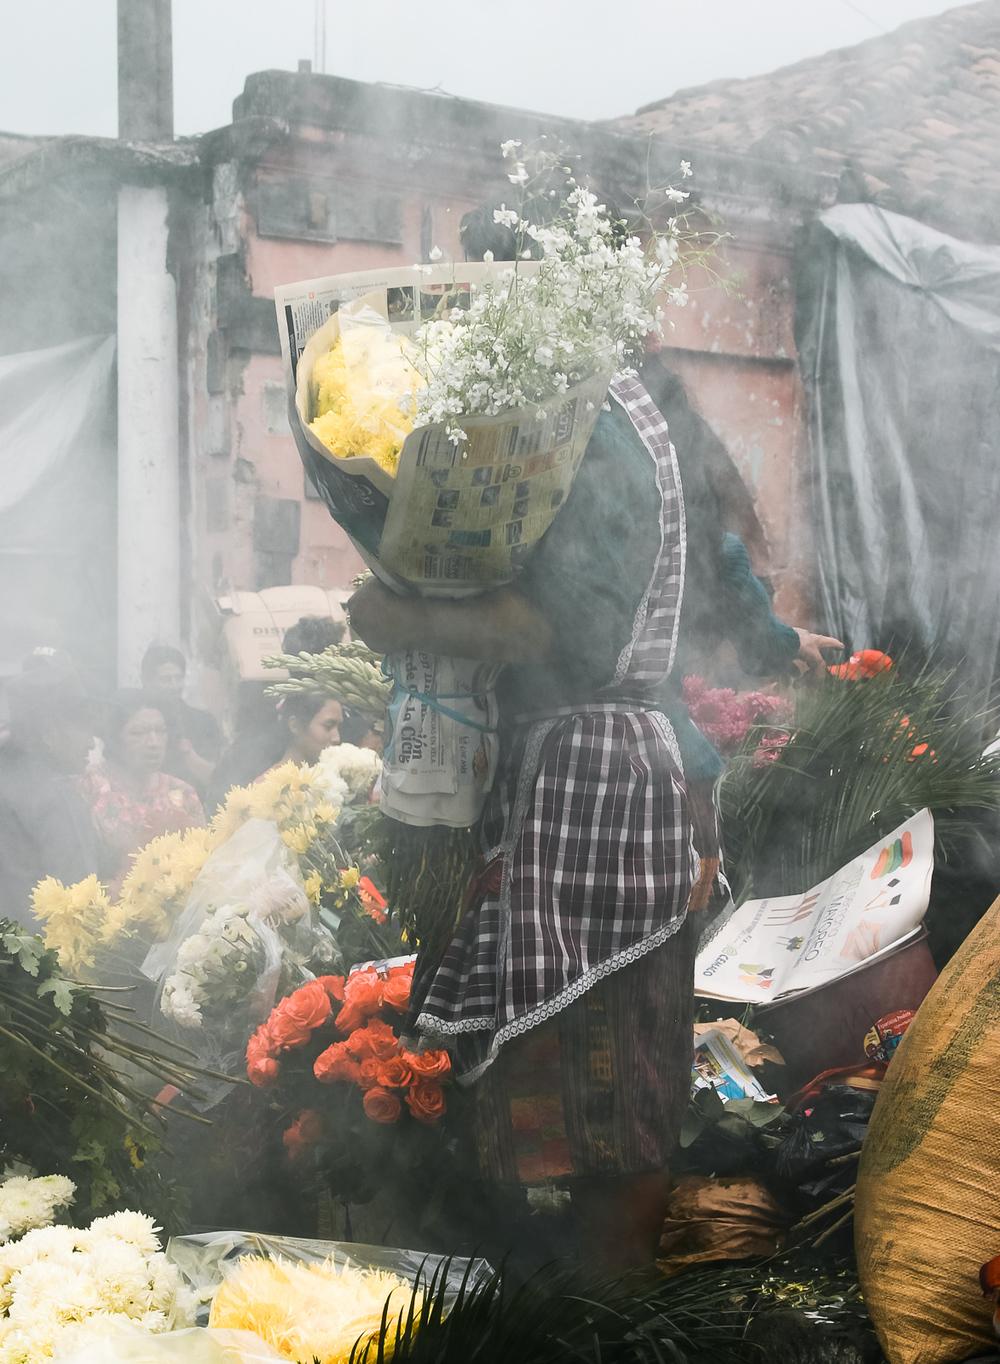 flower-smoke-edit (1 of 1).jpg